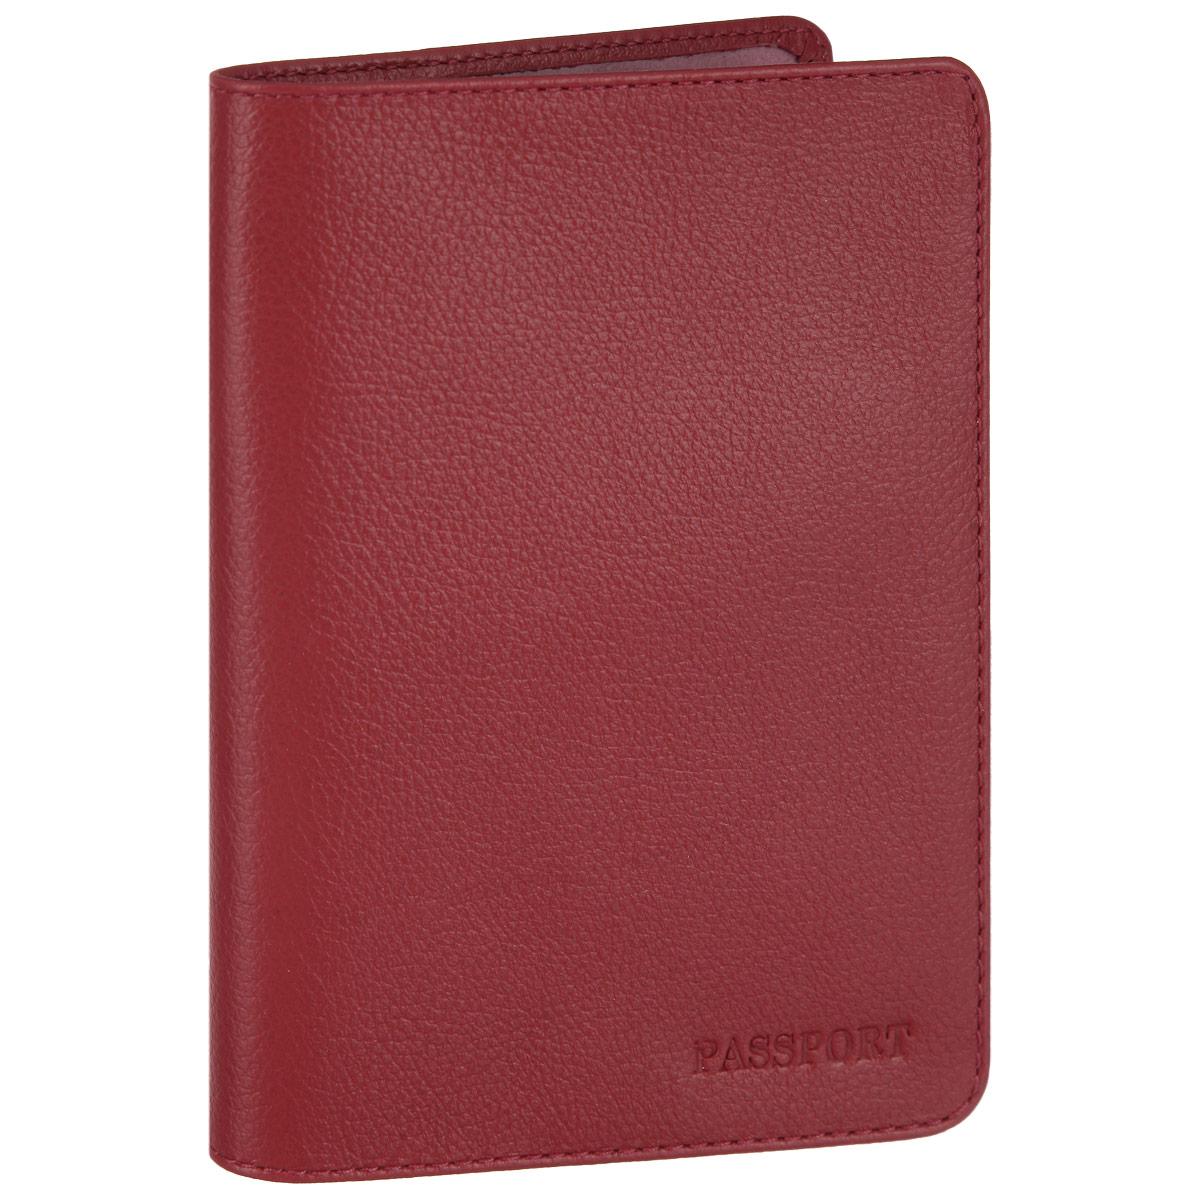 Обложка для паспорта Fabula, цвет: красный. O.53.FPA16-11154_711Стильная обложка для паспорта Fabula выполнена из натуральной кожи с зернистой текстурой, оформлена надписью Passport. Обложка для паспорта раскладывается пополам, внутри расположены два пластиковых кармашка.Такая обложка для паспорта станет прекрасным и стильным подарком человеку, любящему оригинальные и практичные вещи.